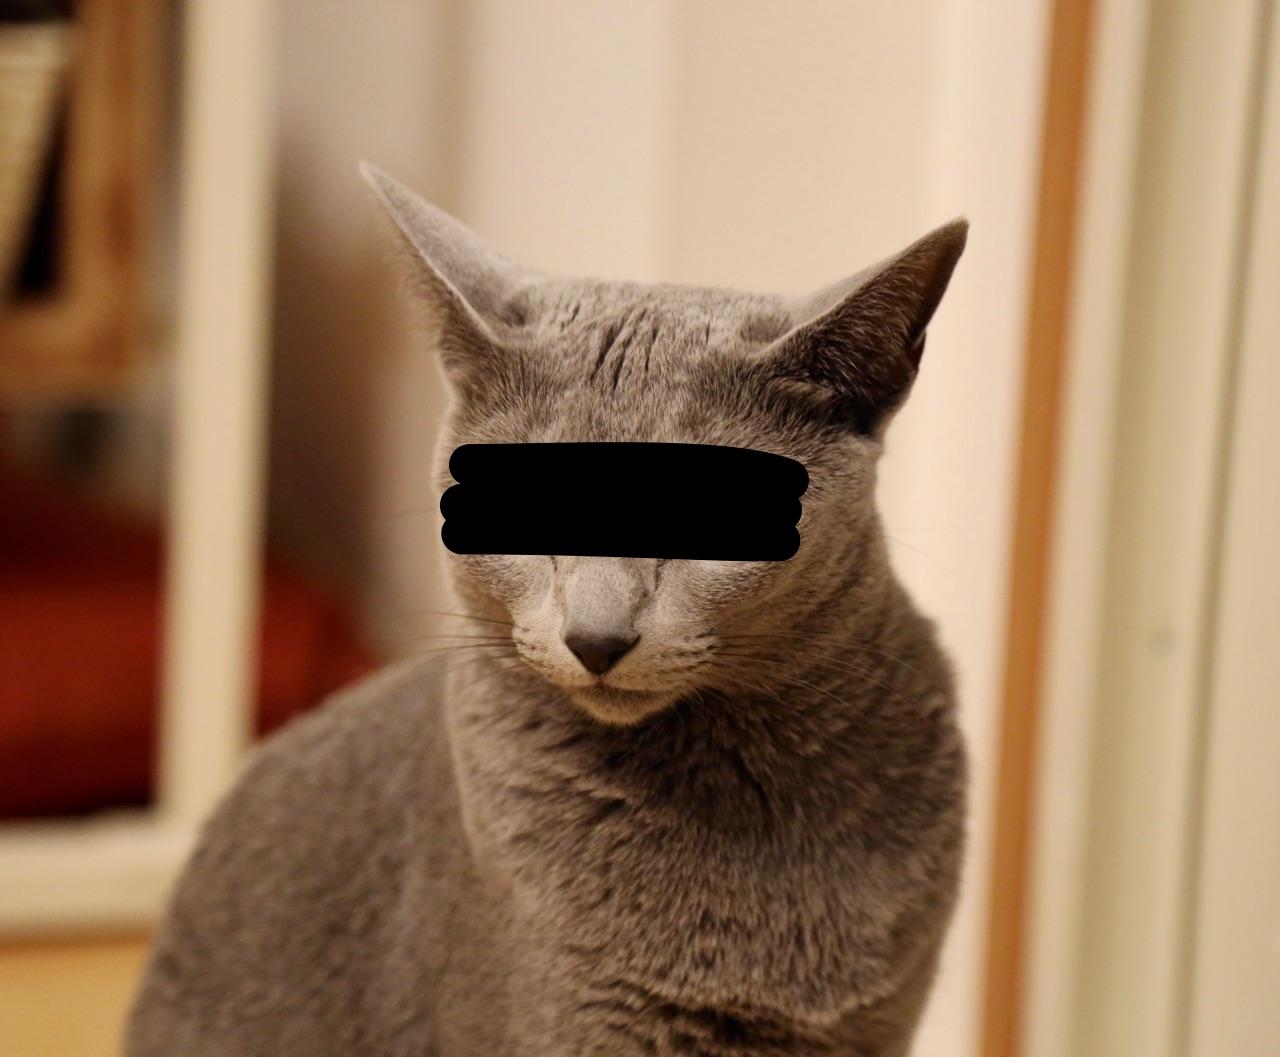 「犯人 目隠し」の画像検索結果